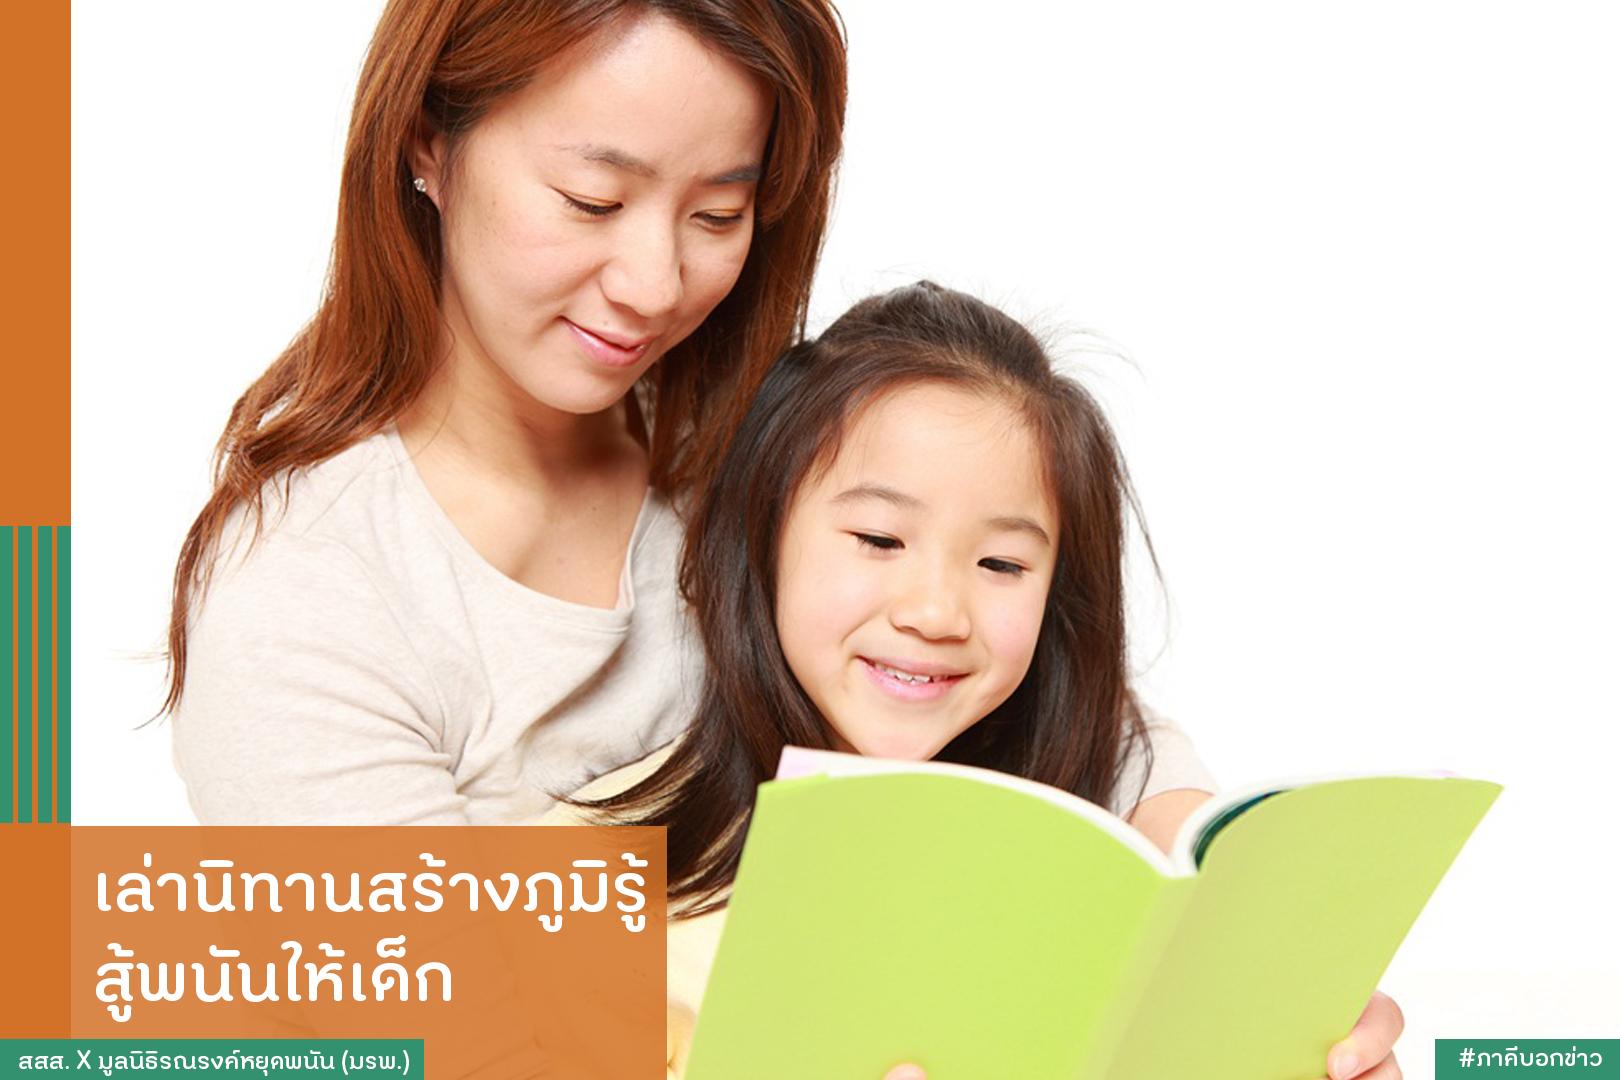 เล่านิทานสร้างภูมิรู้ สู้พนันให้เด็ก thaihealth